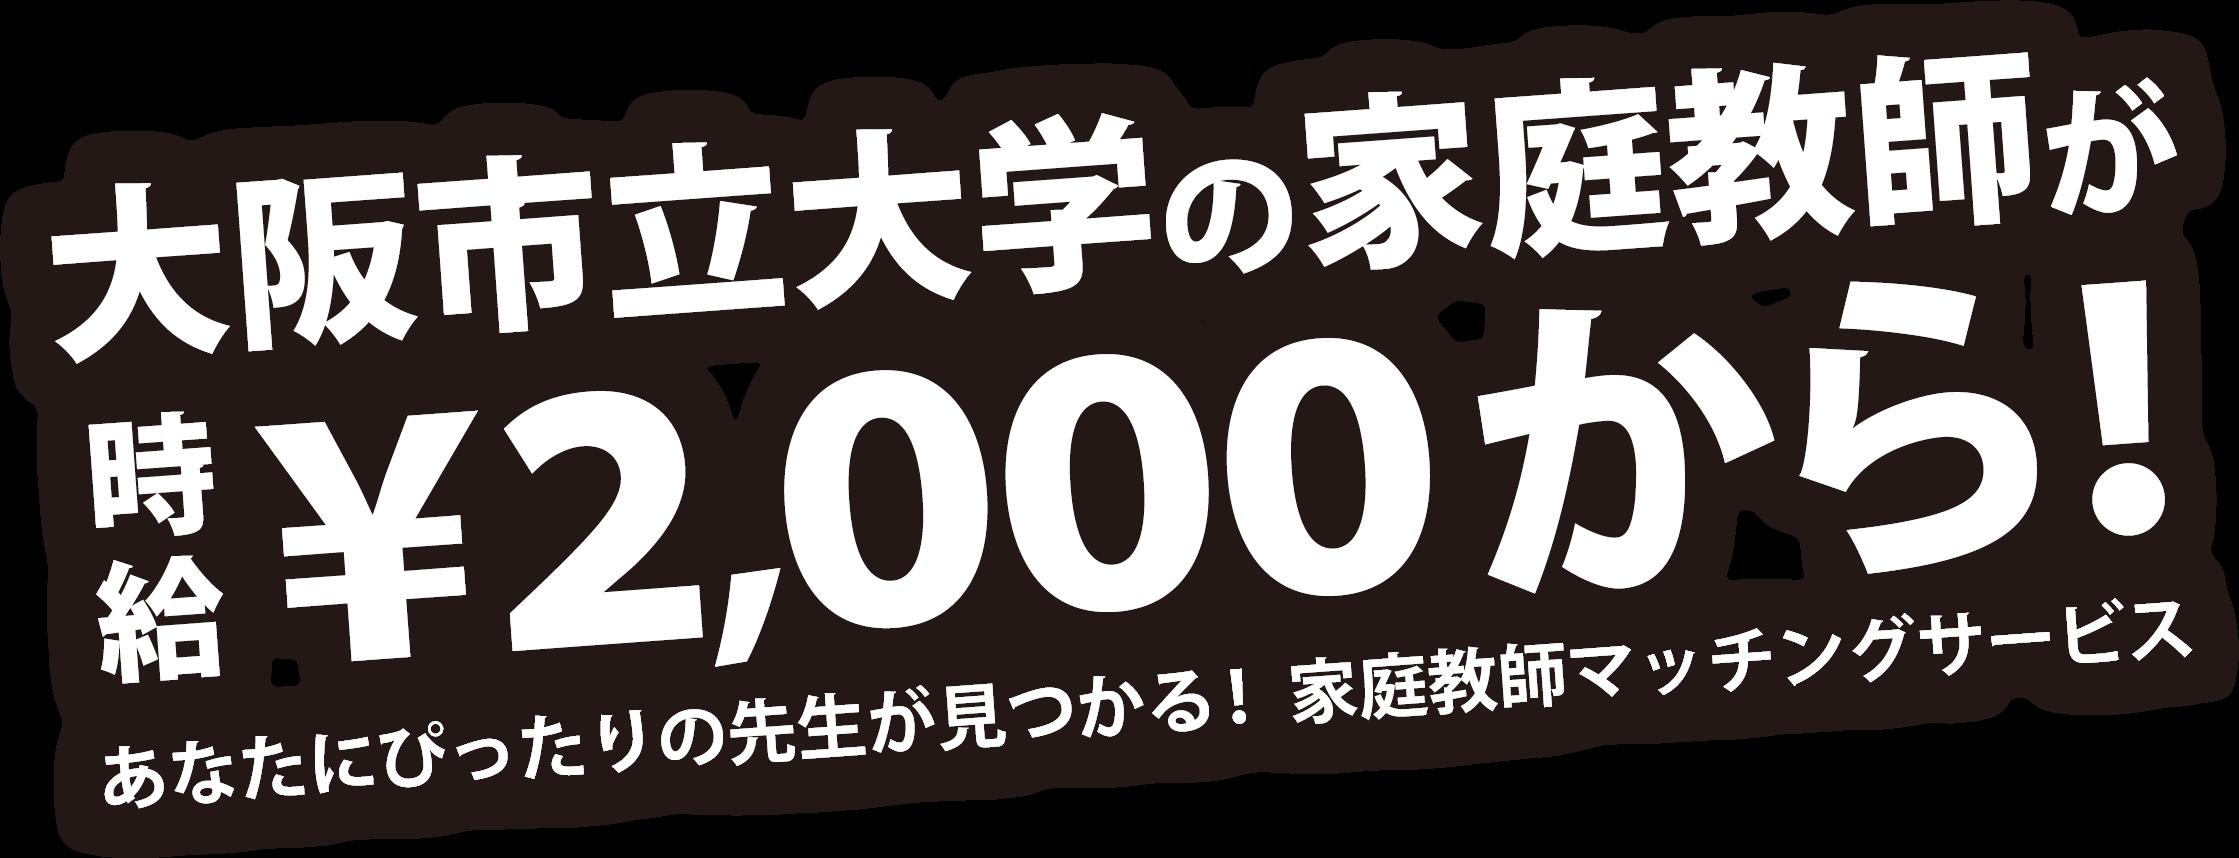 大阪市立大学の家庭教師が時給¥2,000から!あなたにぴったりの先生が見つかる!家庭教師マッチングサービス